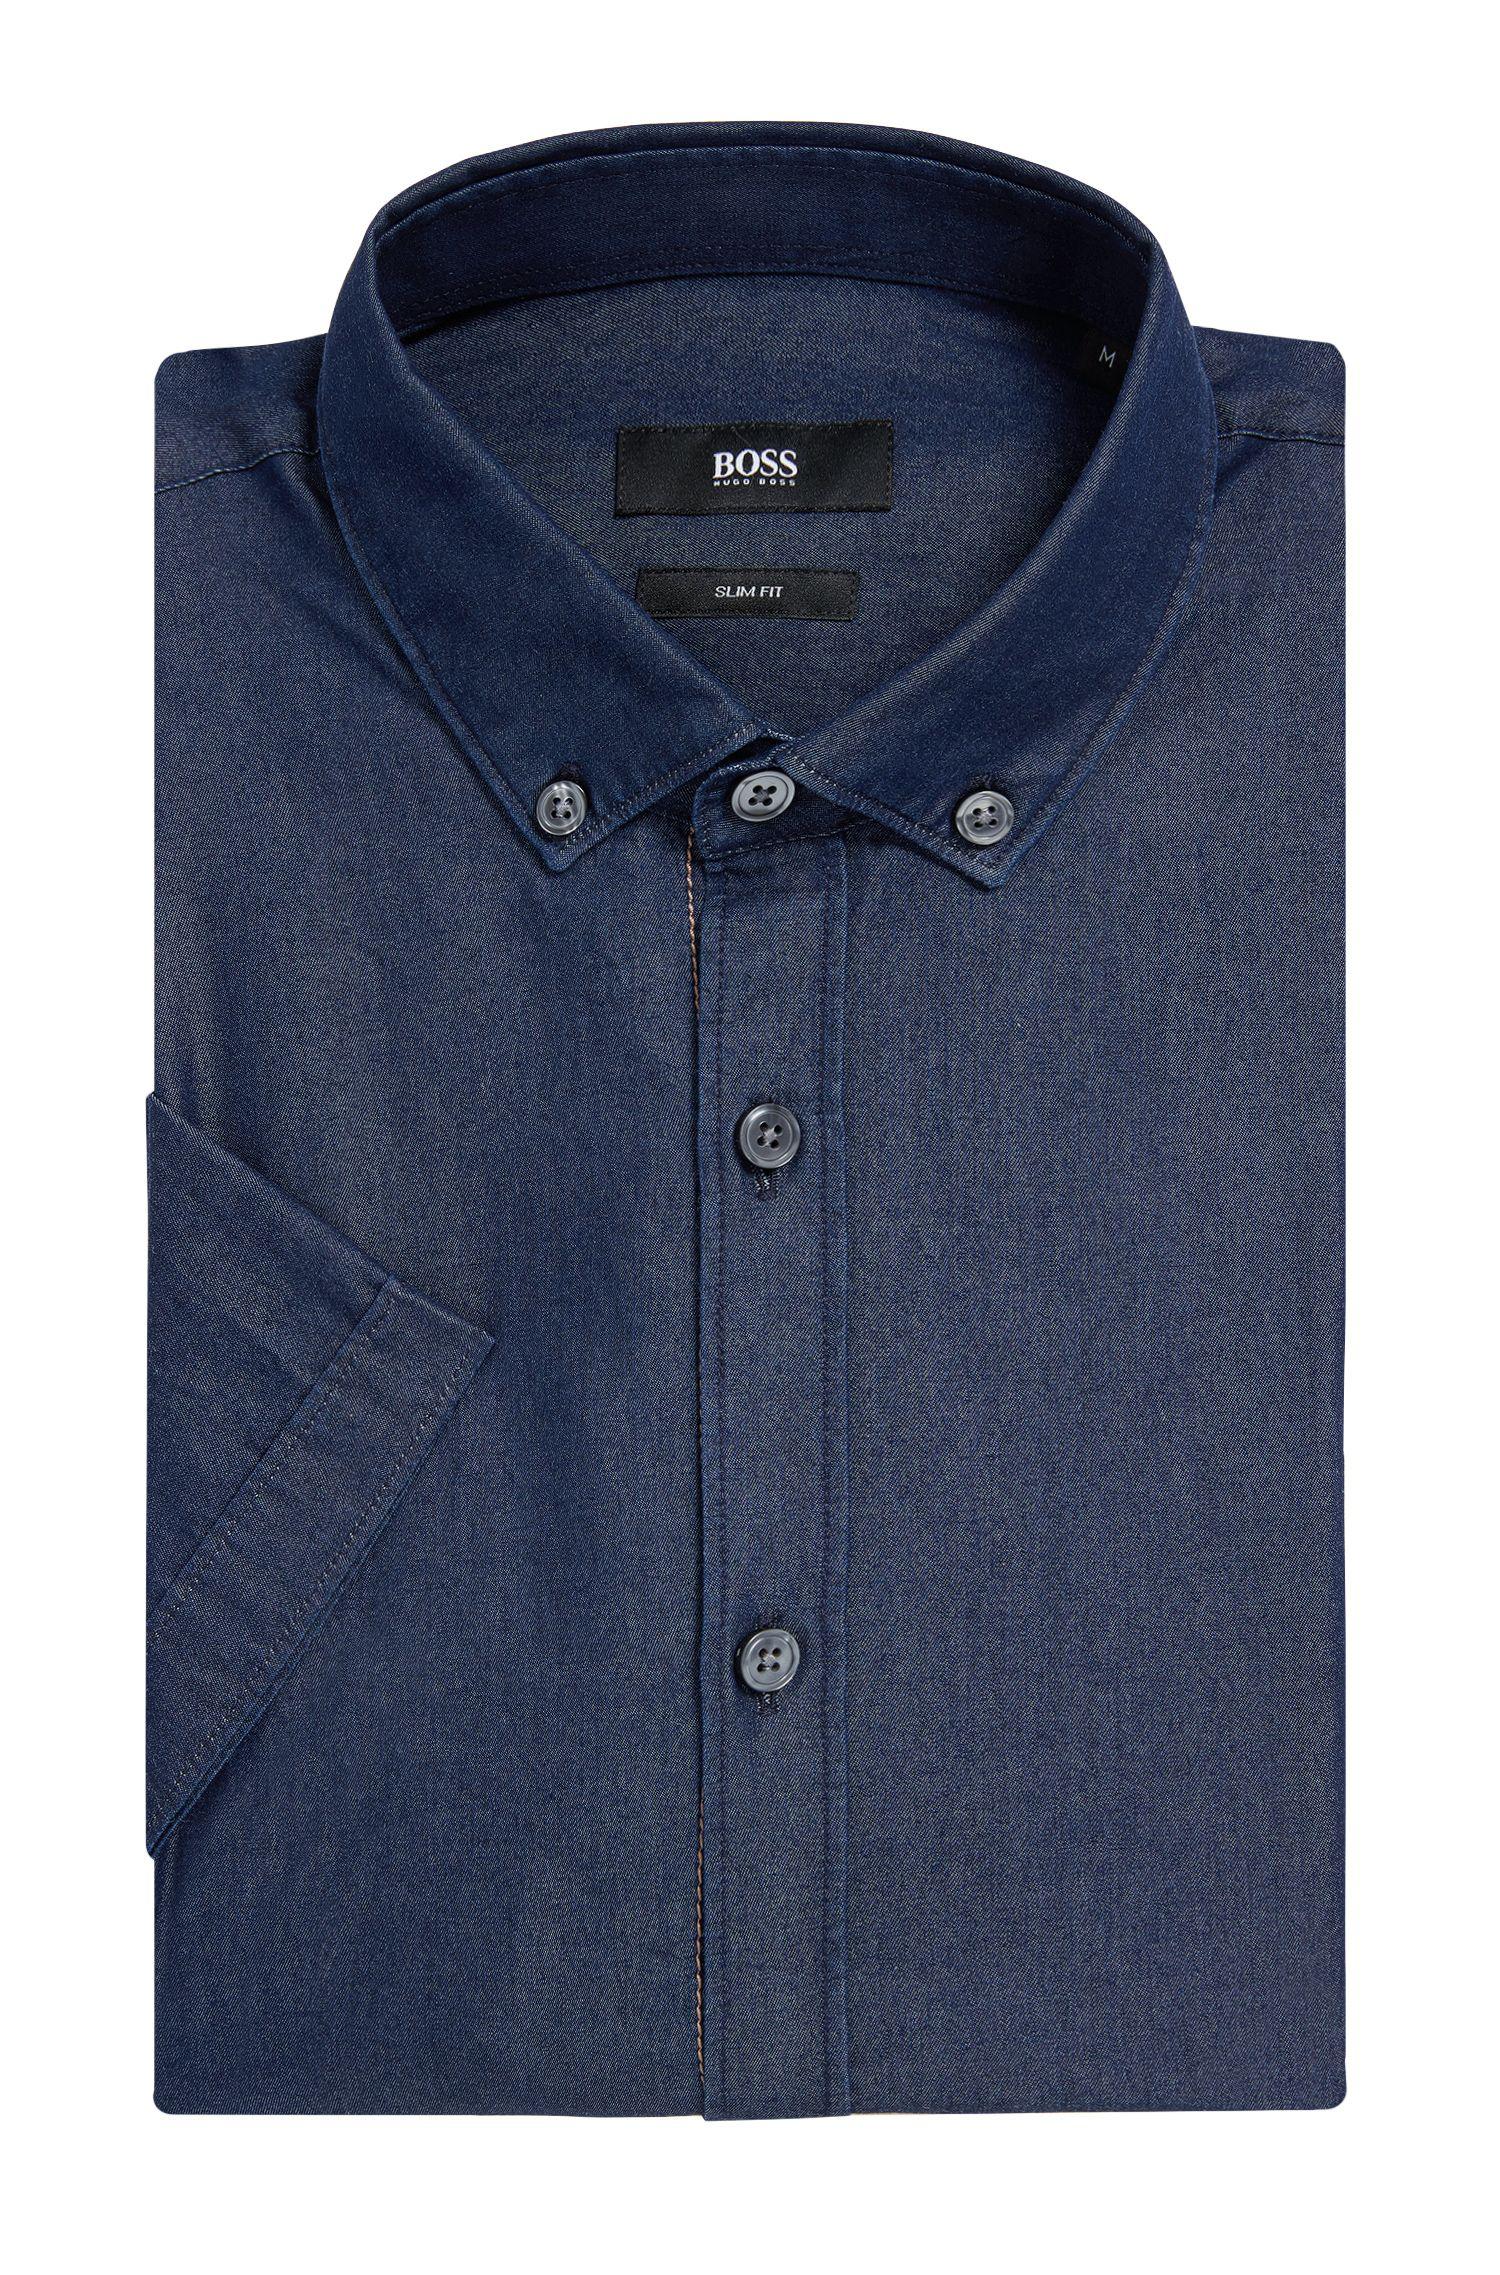 Chambray Cotton Button Down Shirt, Slim Fit | Rik